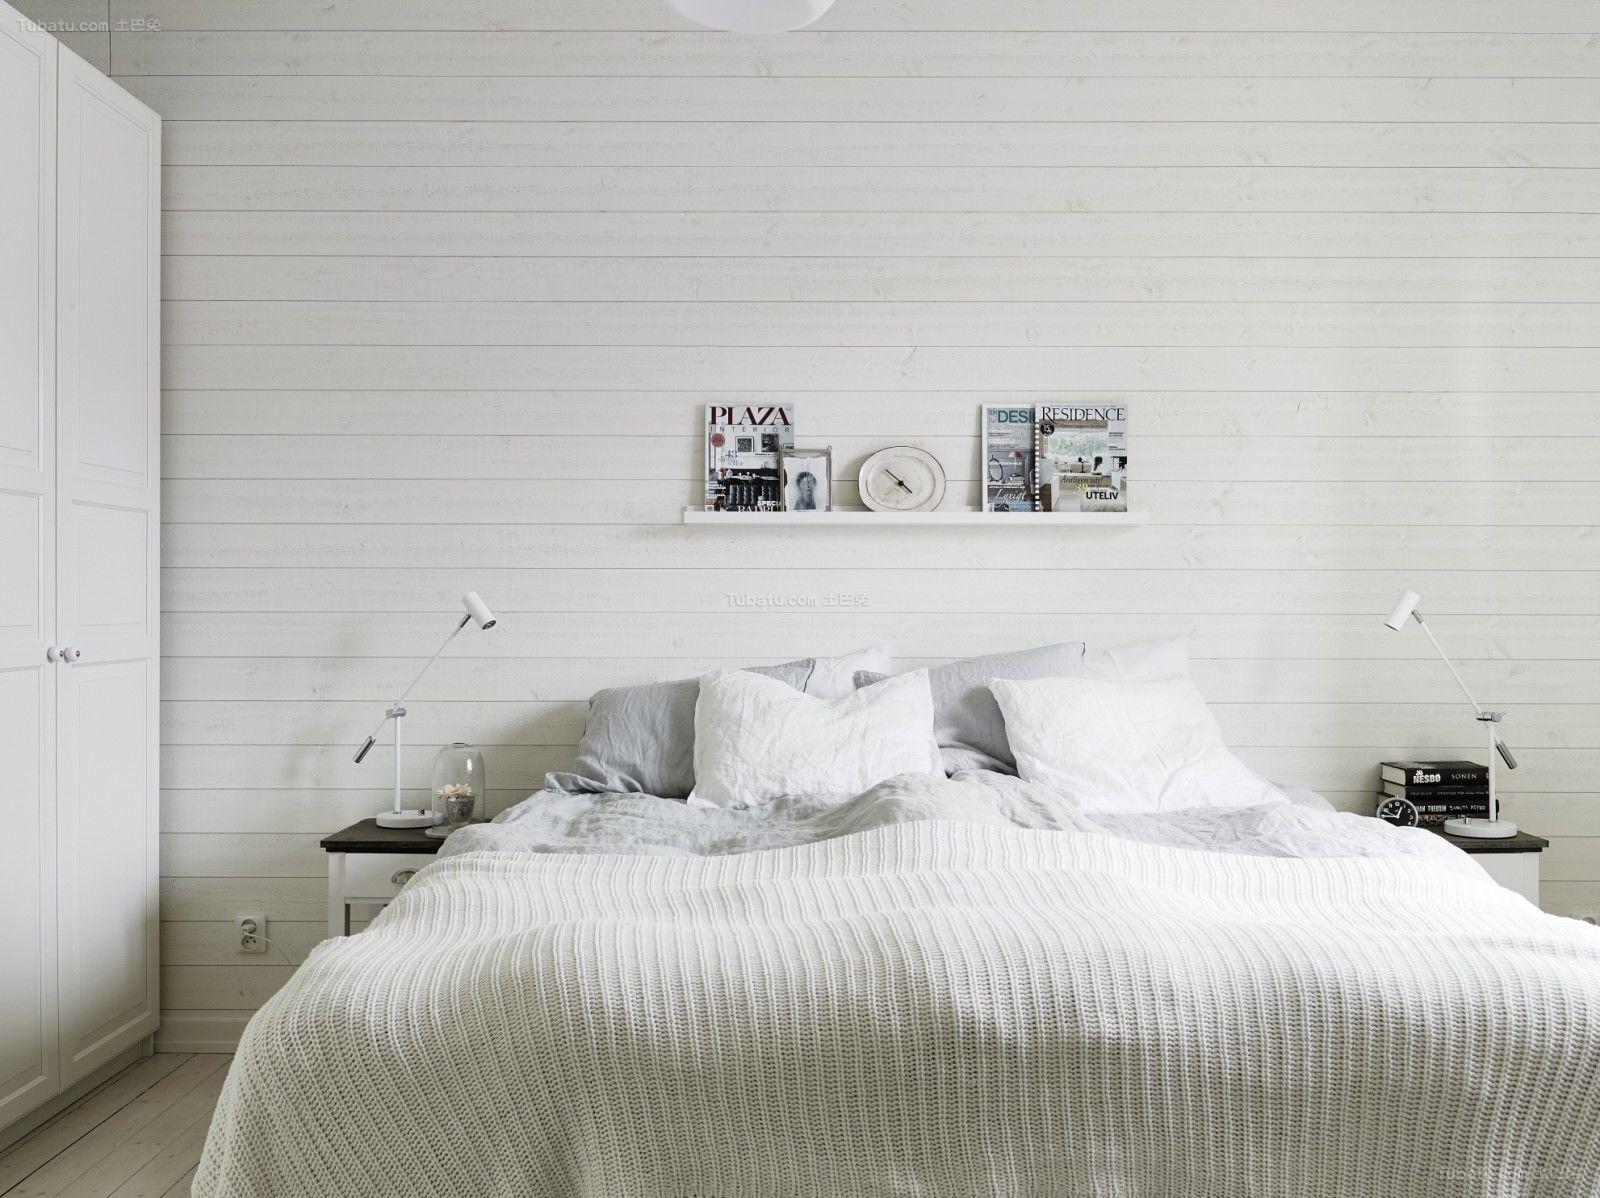 清新家装系列卧室设计效果图